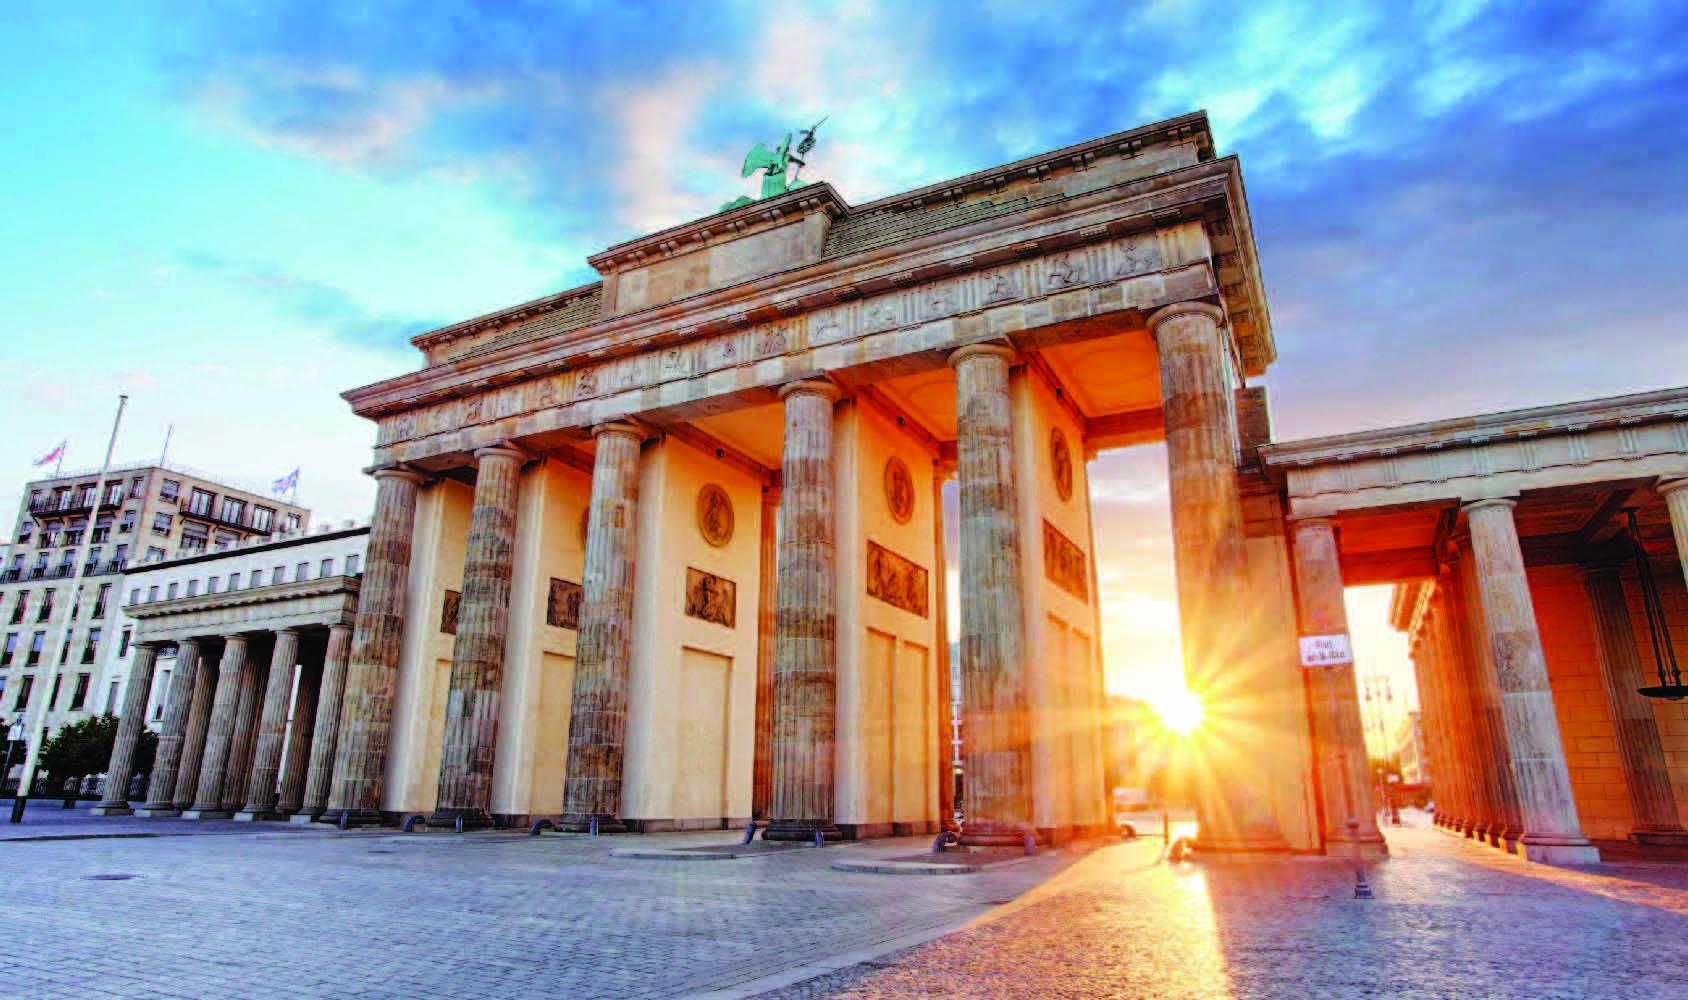 ทัวร์ยุโรป BEST OF GERMANY  10 วัน บินTG